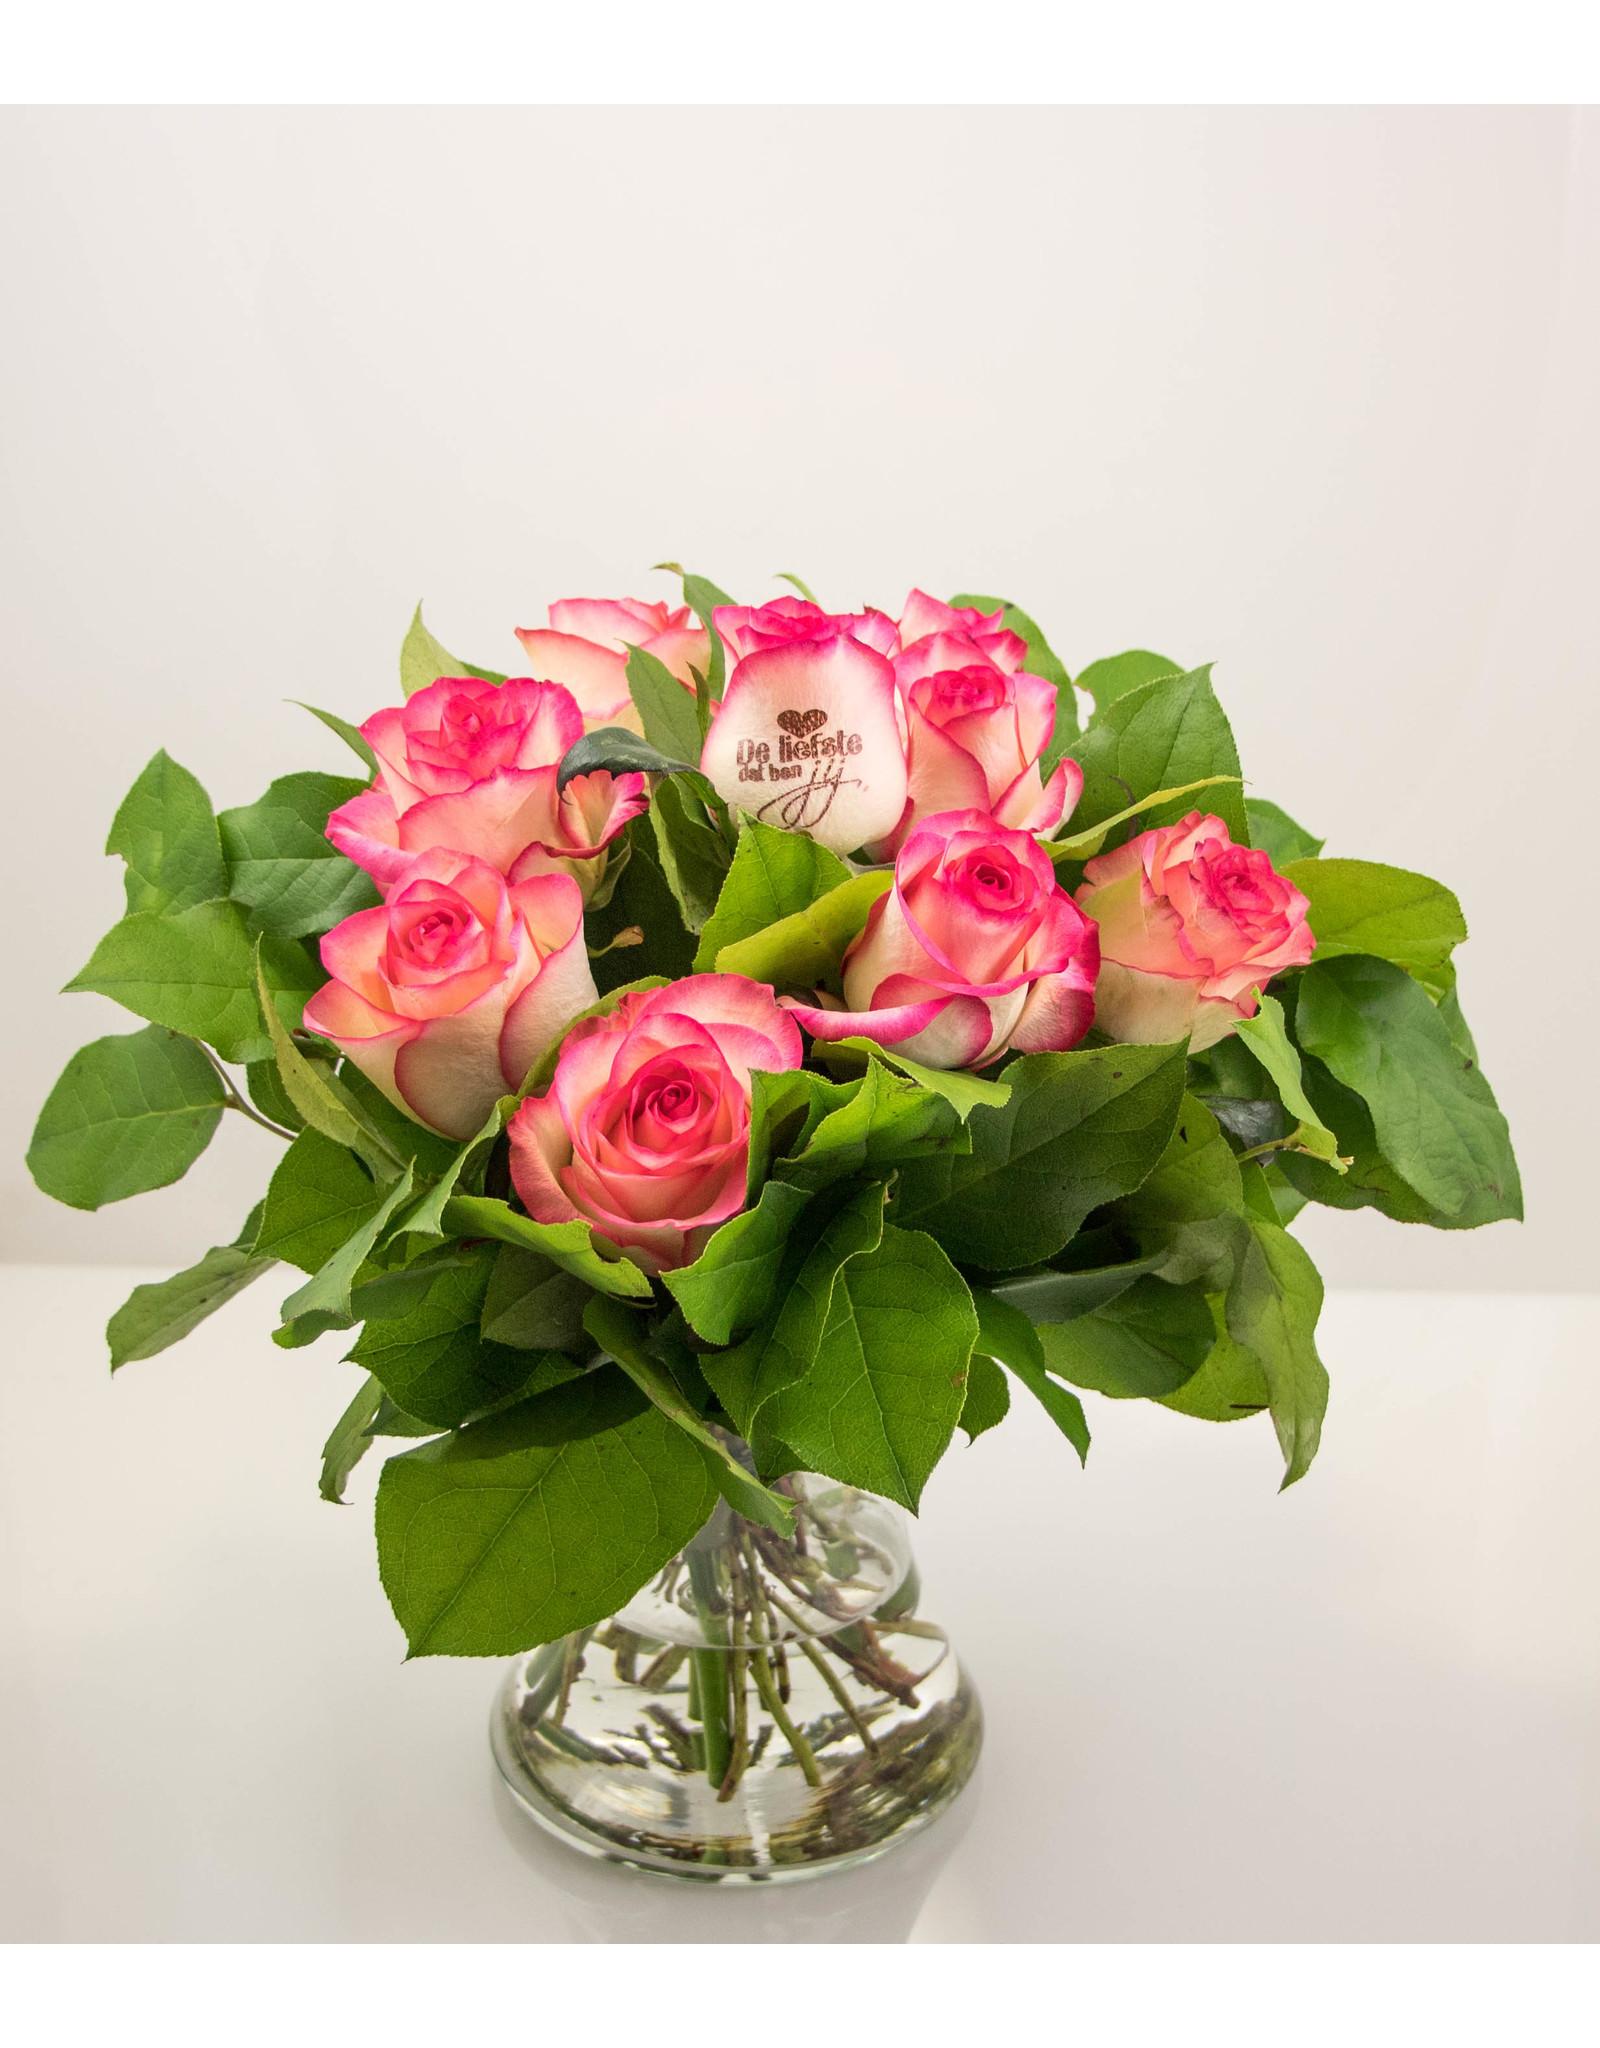 Magic Flowers Boeket 9 rozen - De Liefste dat ben jij